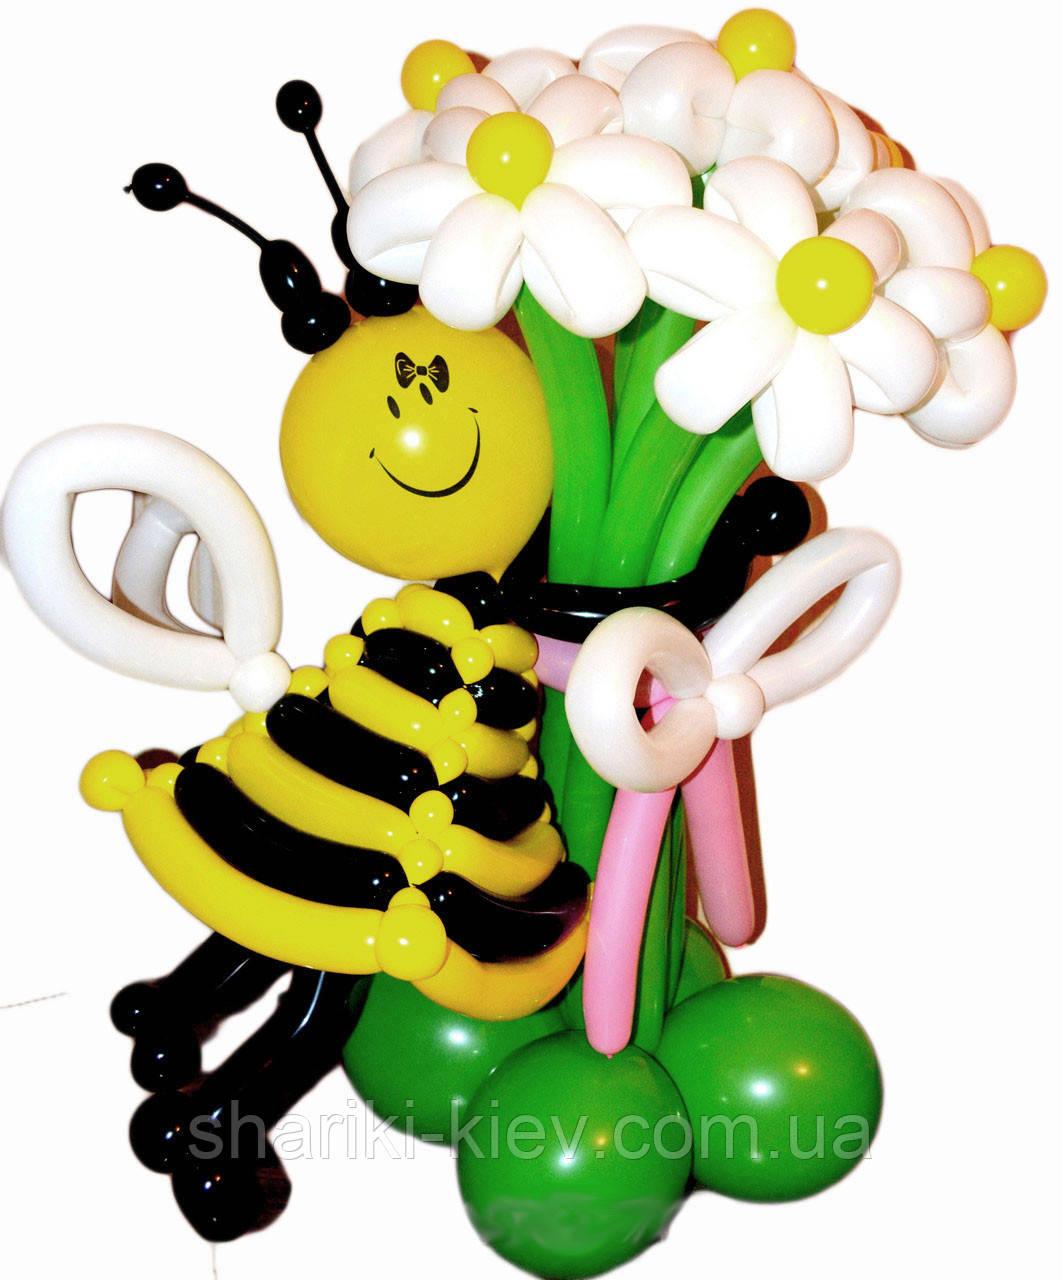 Букет из шариков Пчелка с ромашками на День Рождения - Магазин Шариков и Товаров для праздника Кids шарики Киев  в Киеве